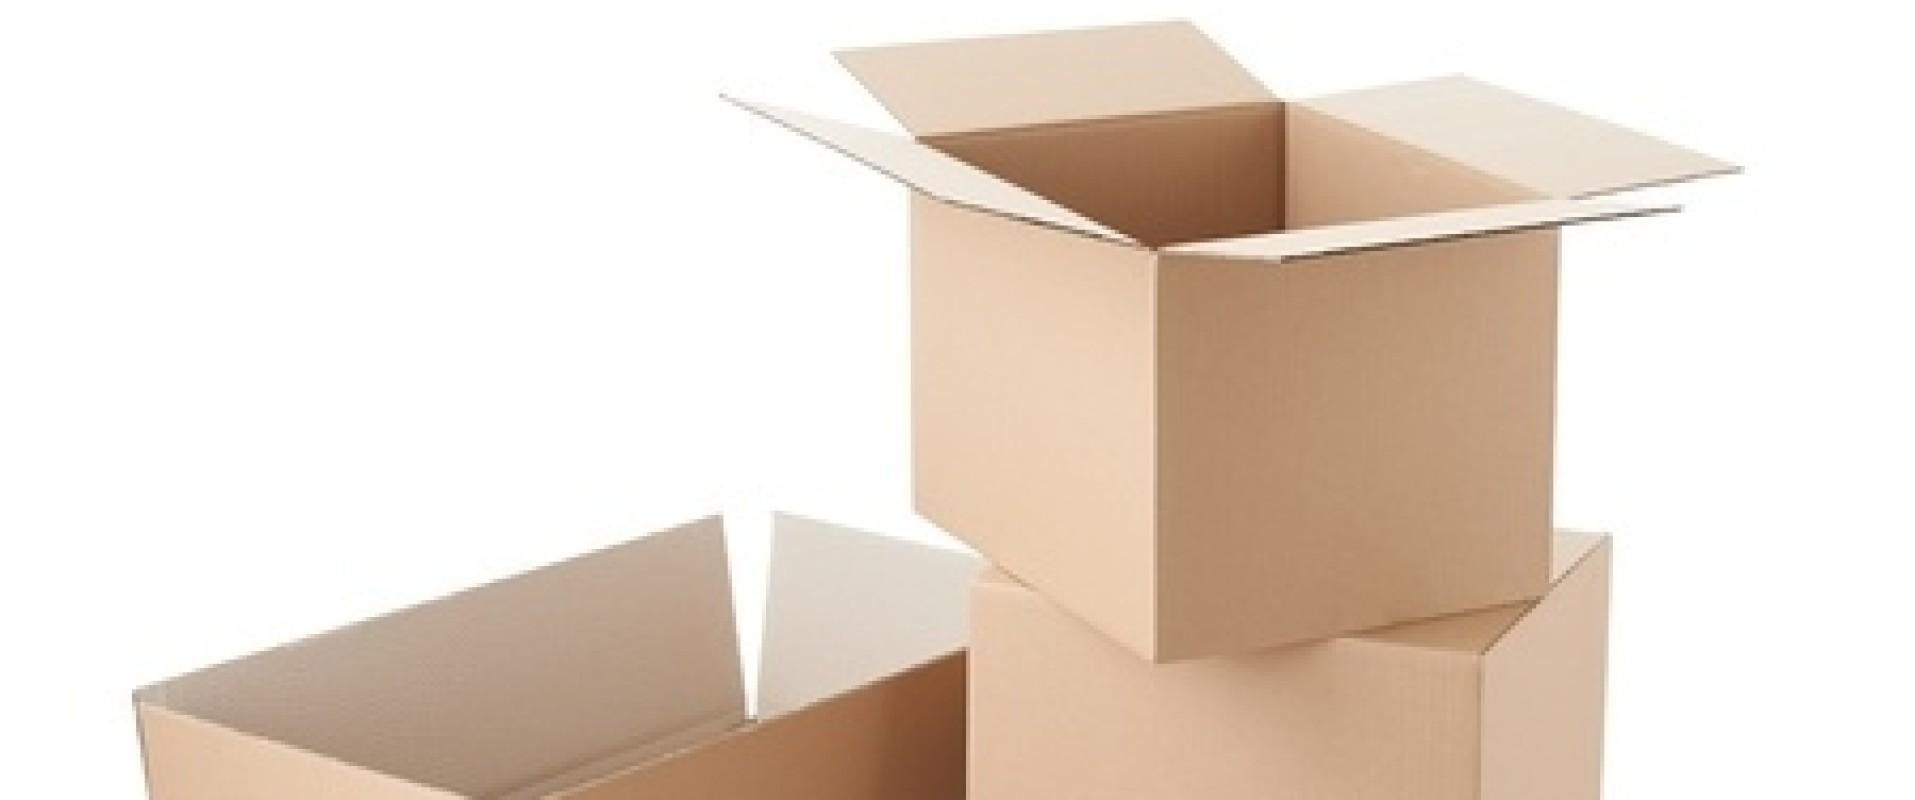 Kringloopwinkel - Checklist - Waar kun je met jouw spullen terecht?